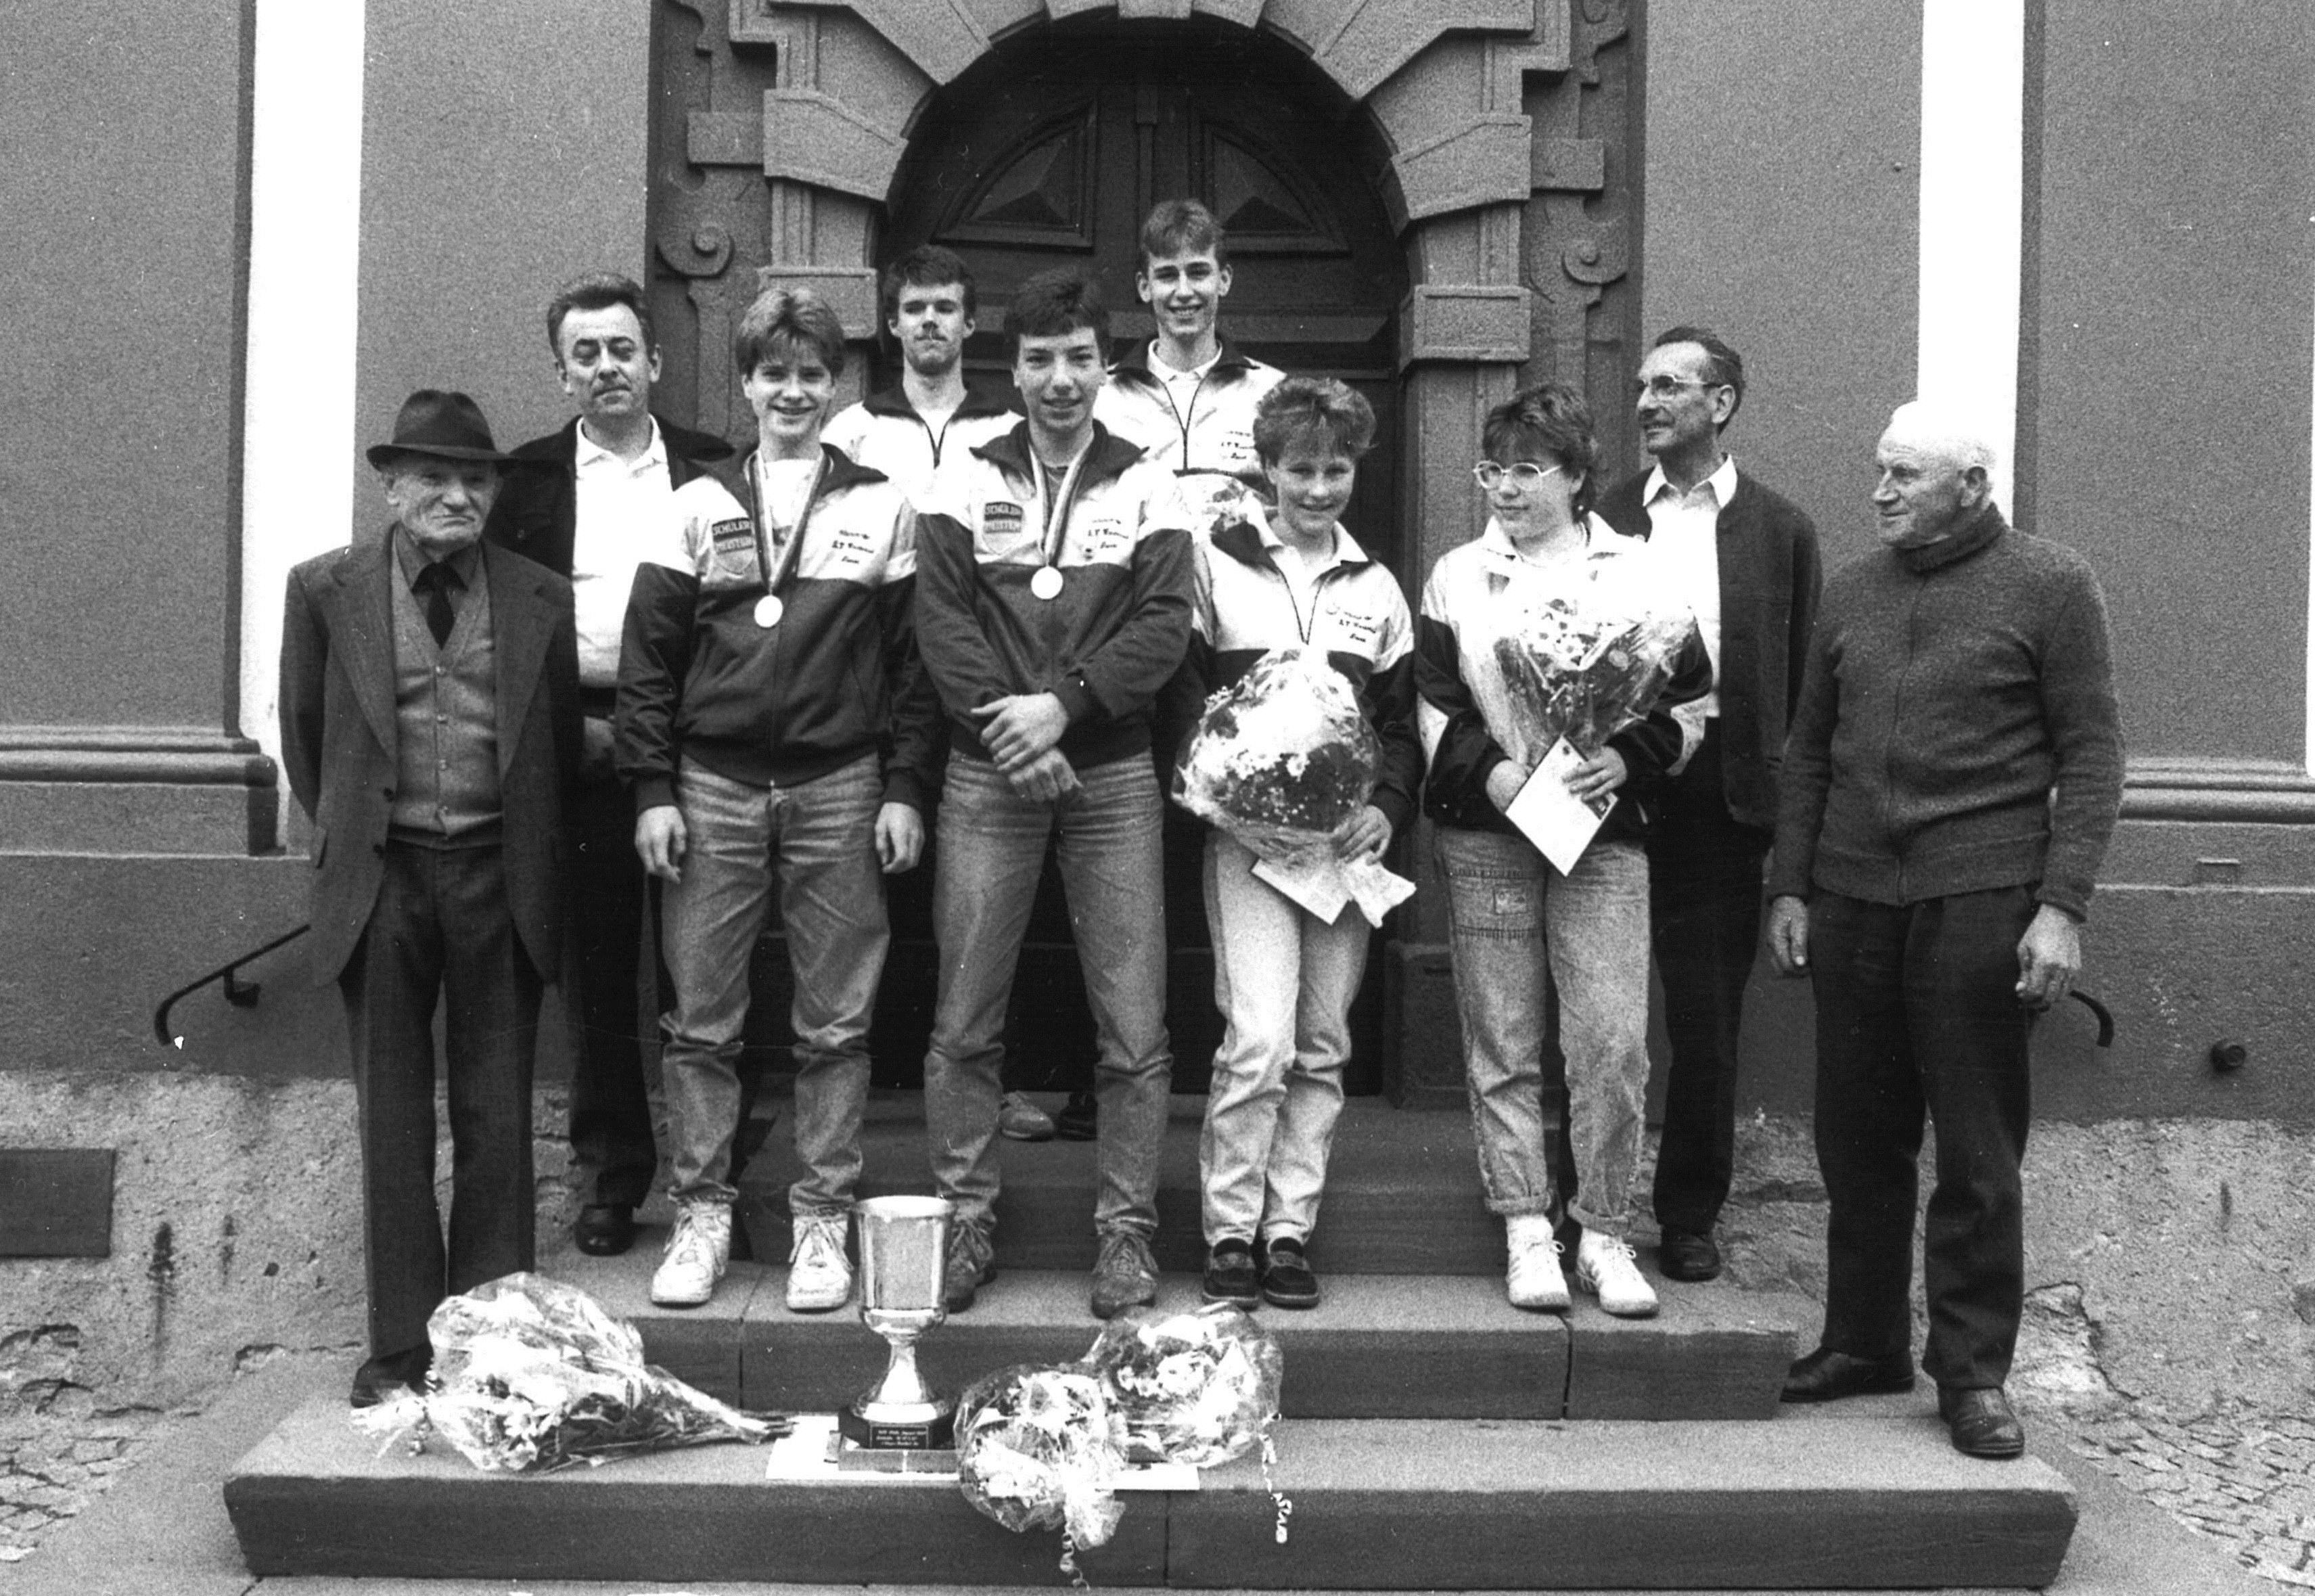 1987 - Empfang vor der Nauroder Kirche mit Gründer Willi Beltz-Siegmund Schulte